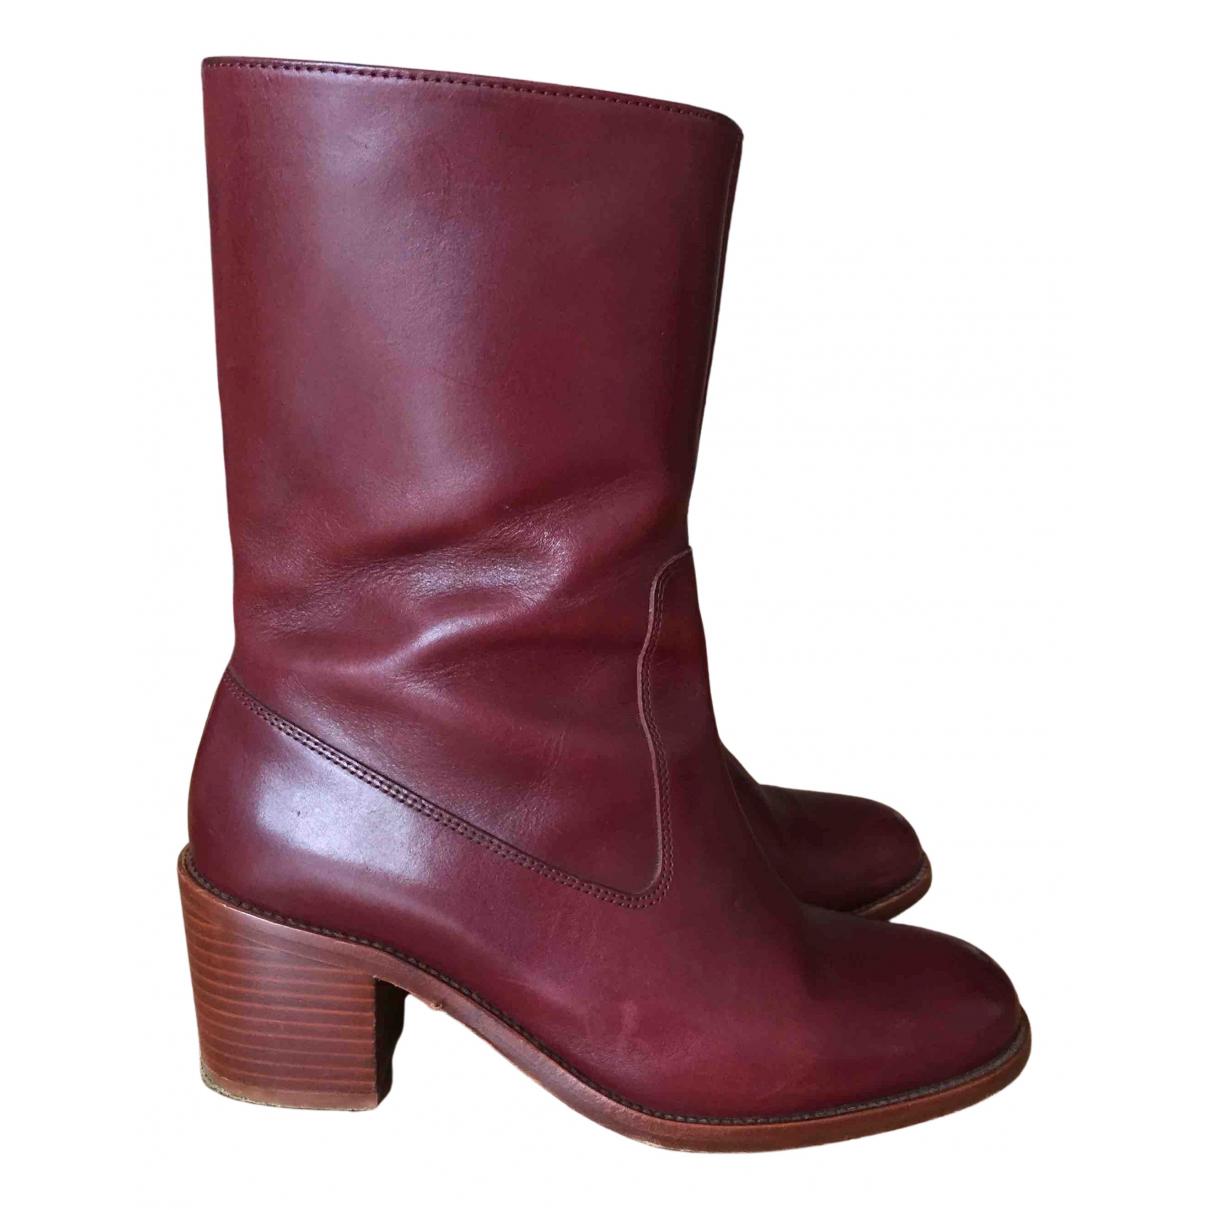 Apc - Boots   pour femme en cuir - bordeaux